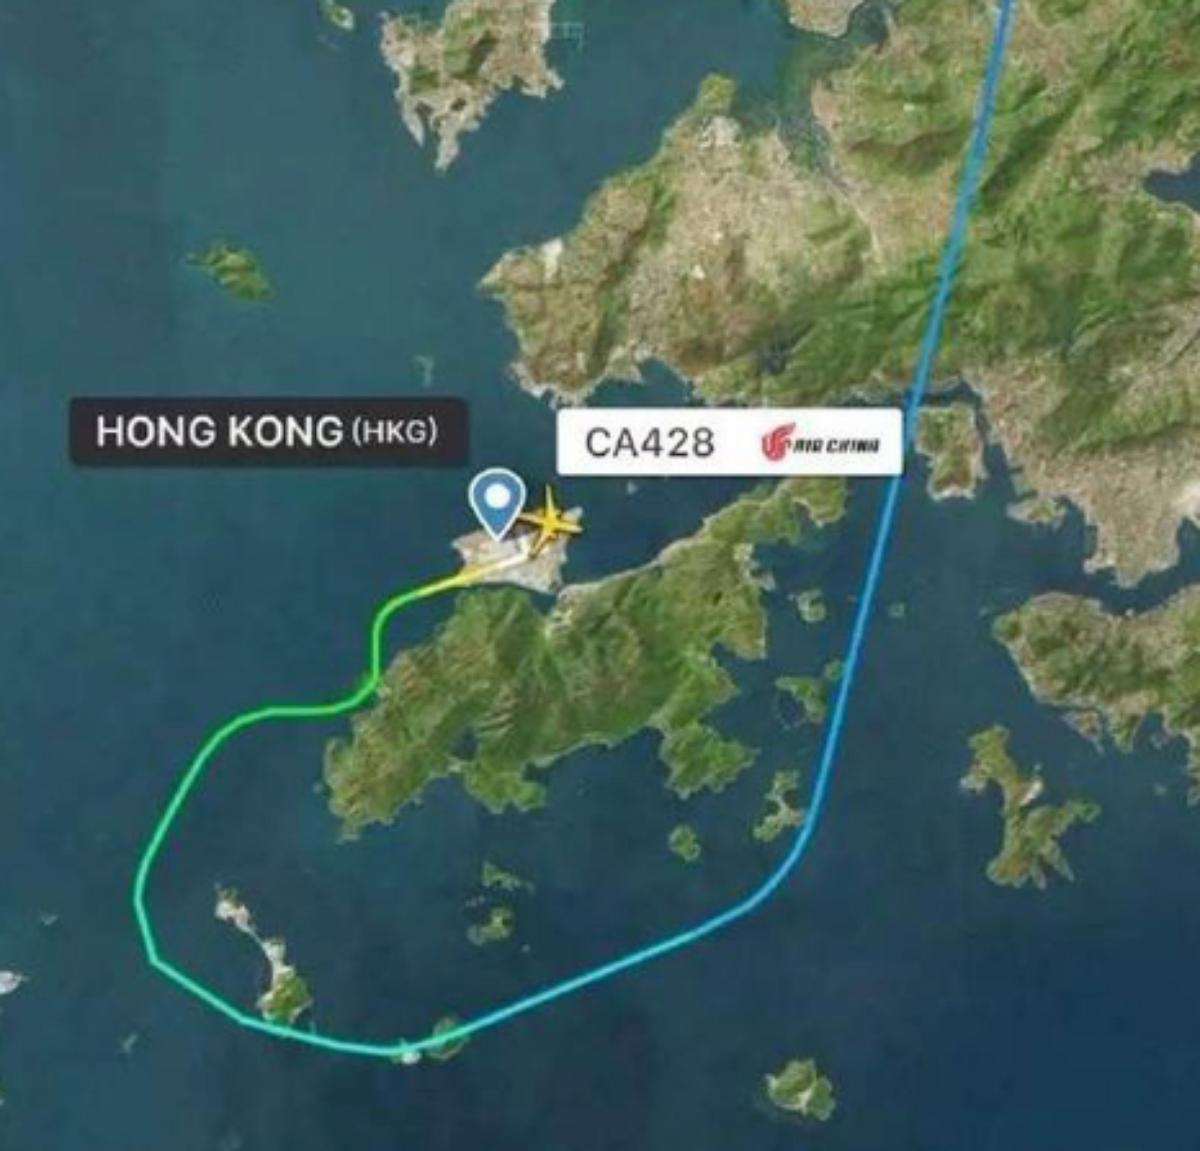 2017年6月4日起飛的飛機忽然左轉飛向大嶼山來源:flightradar24 via SCMP (註3)